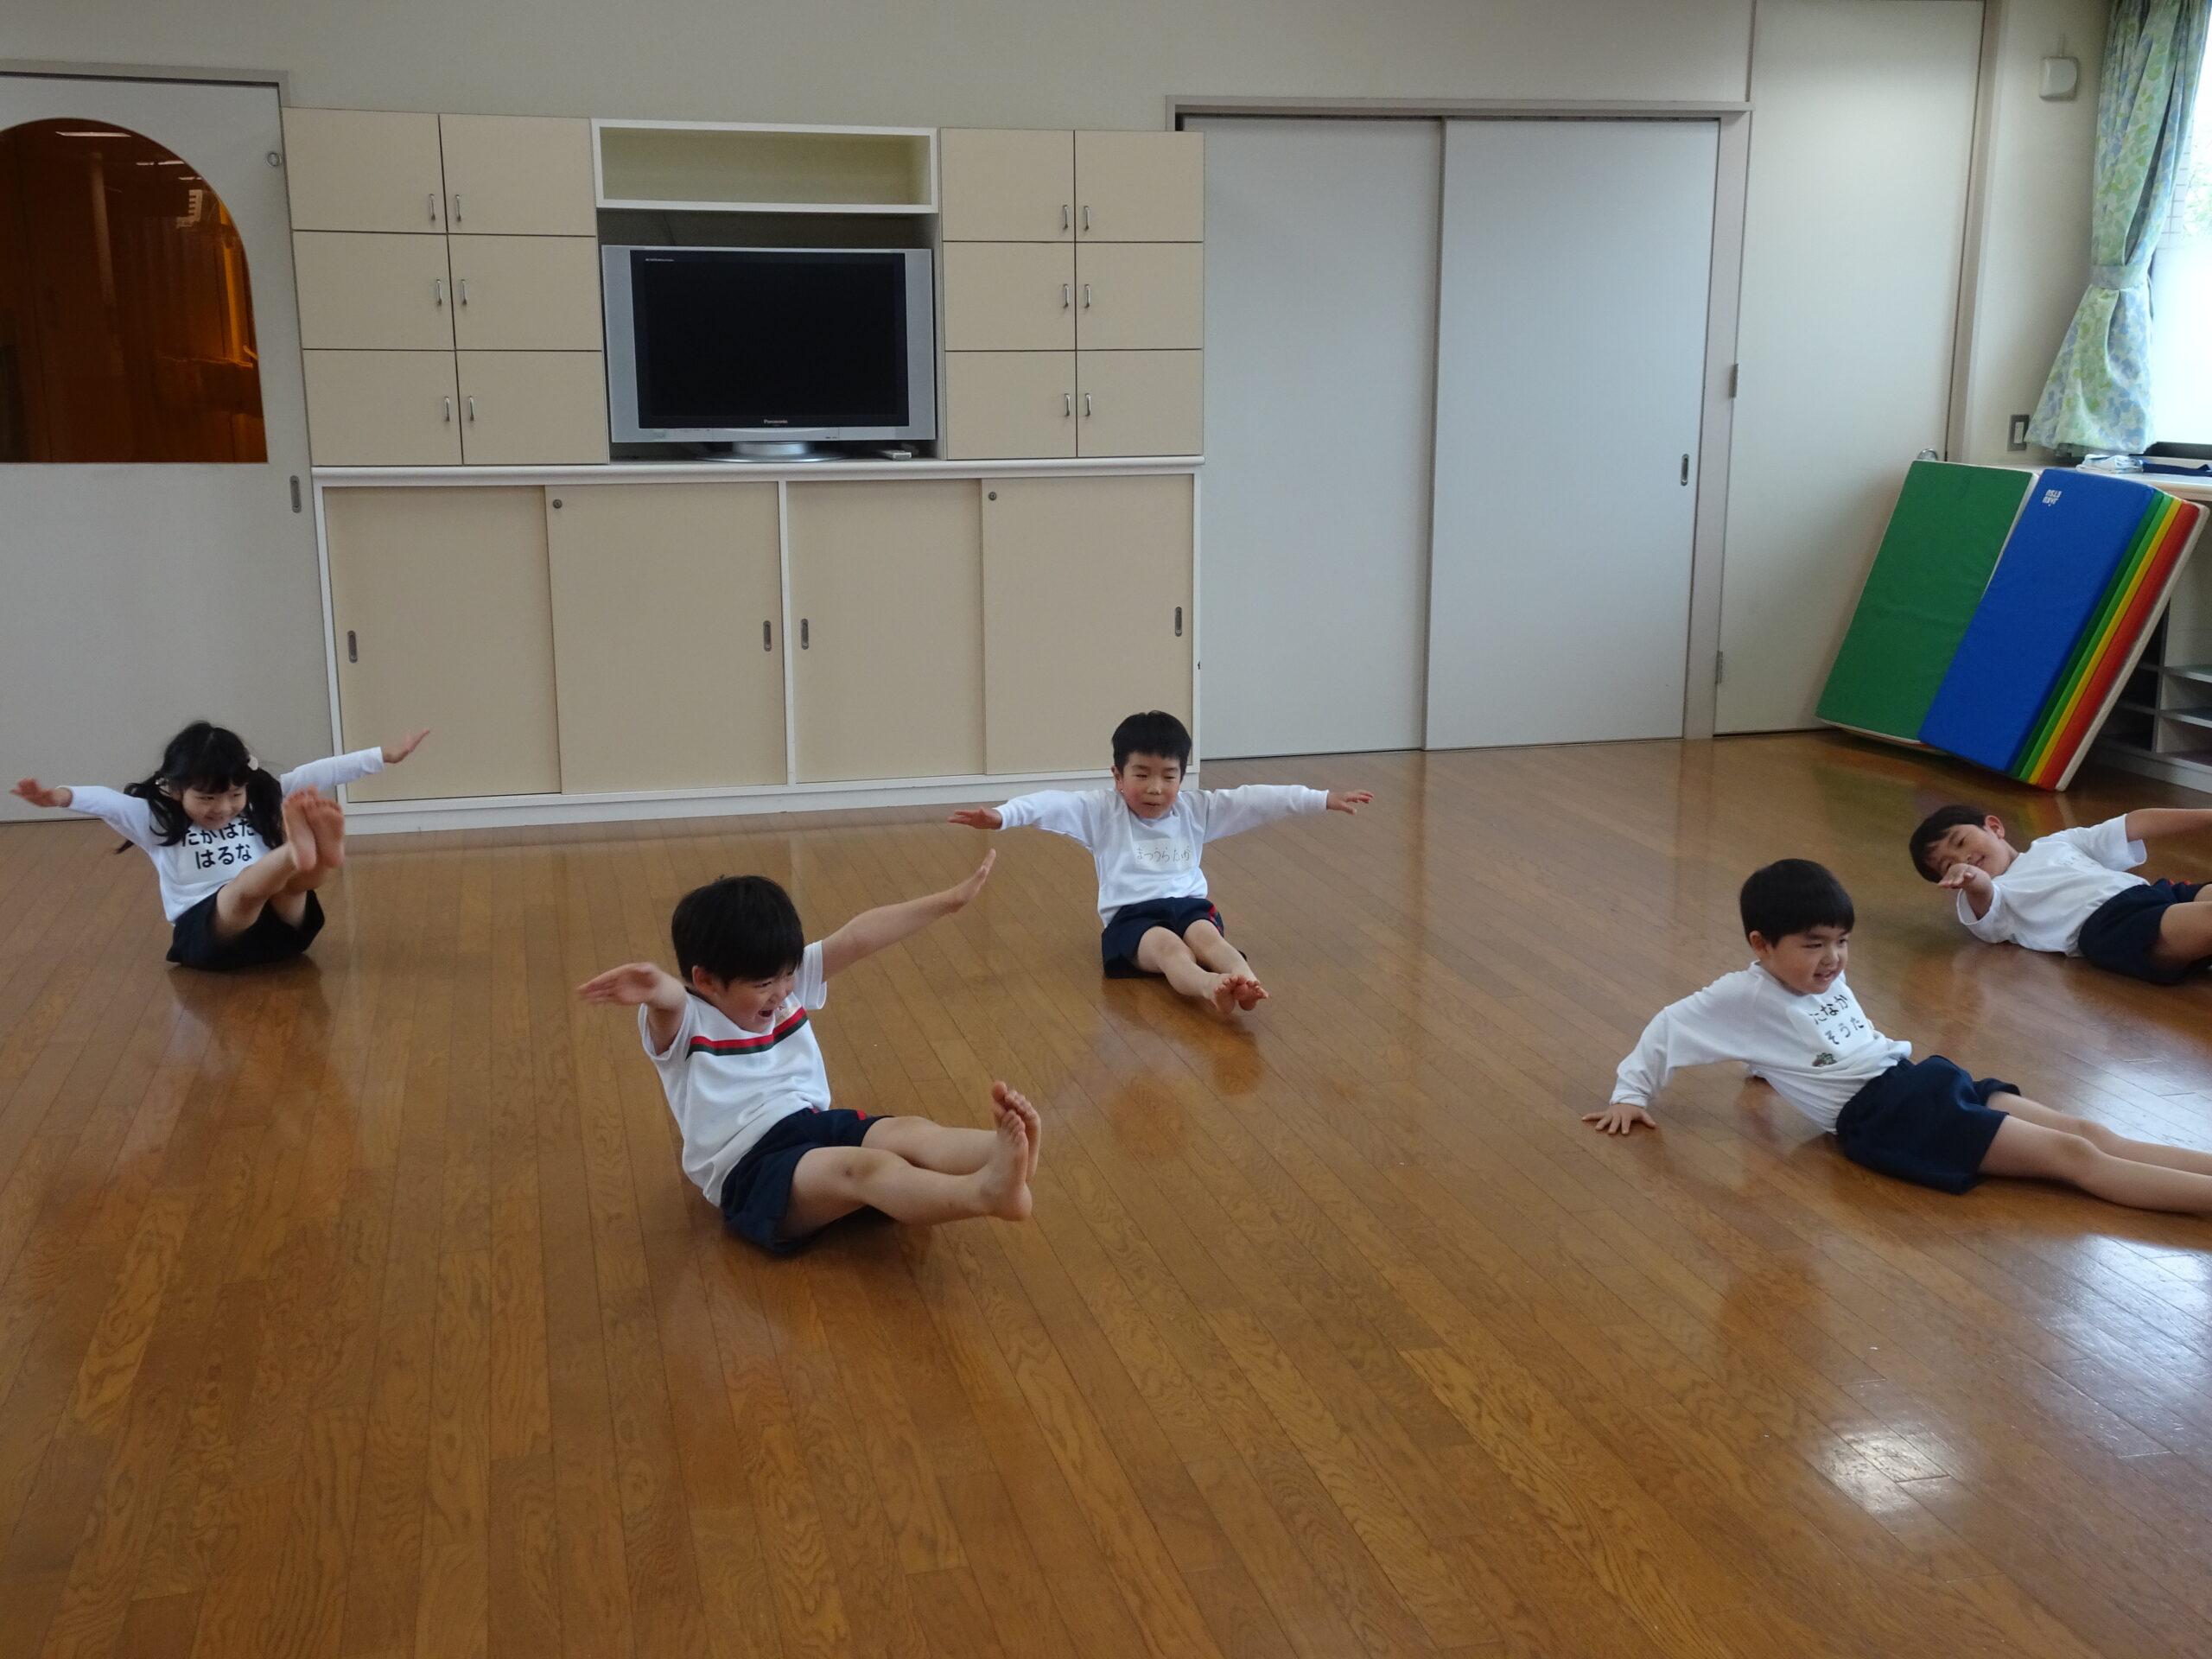 はじめての体操教室